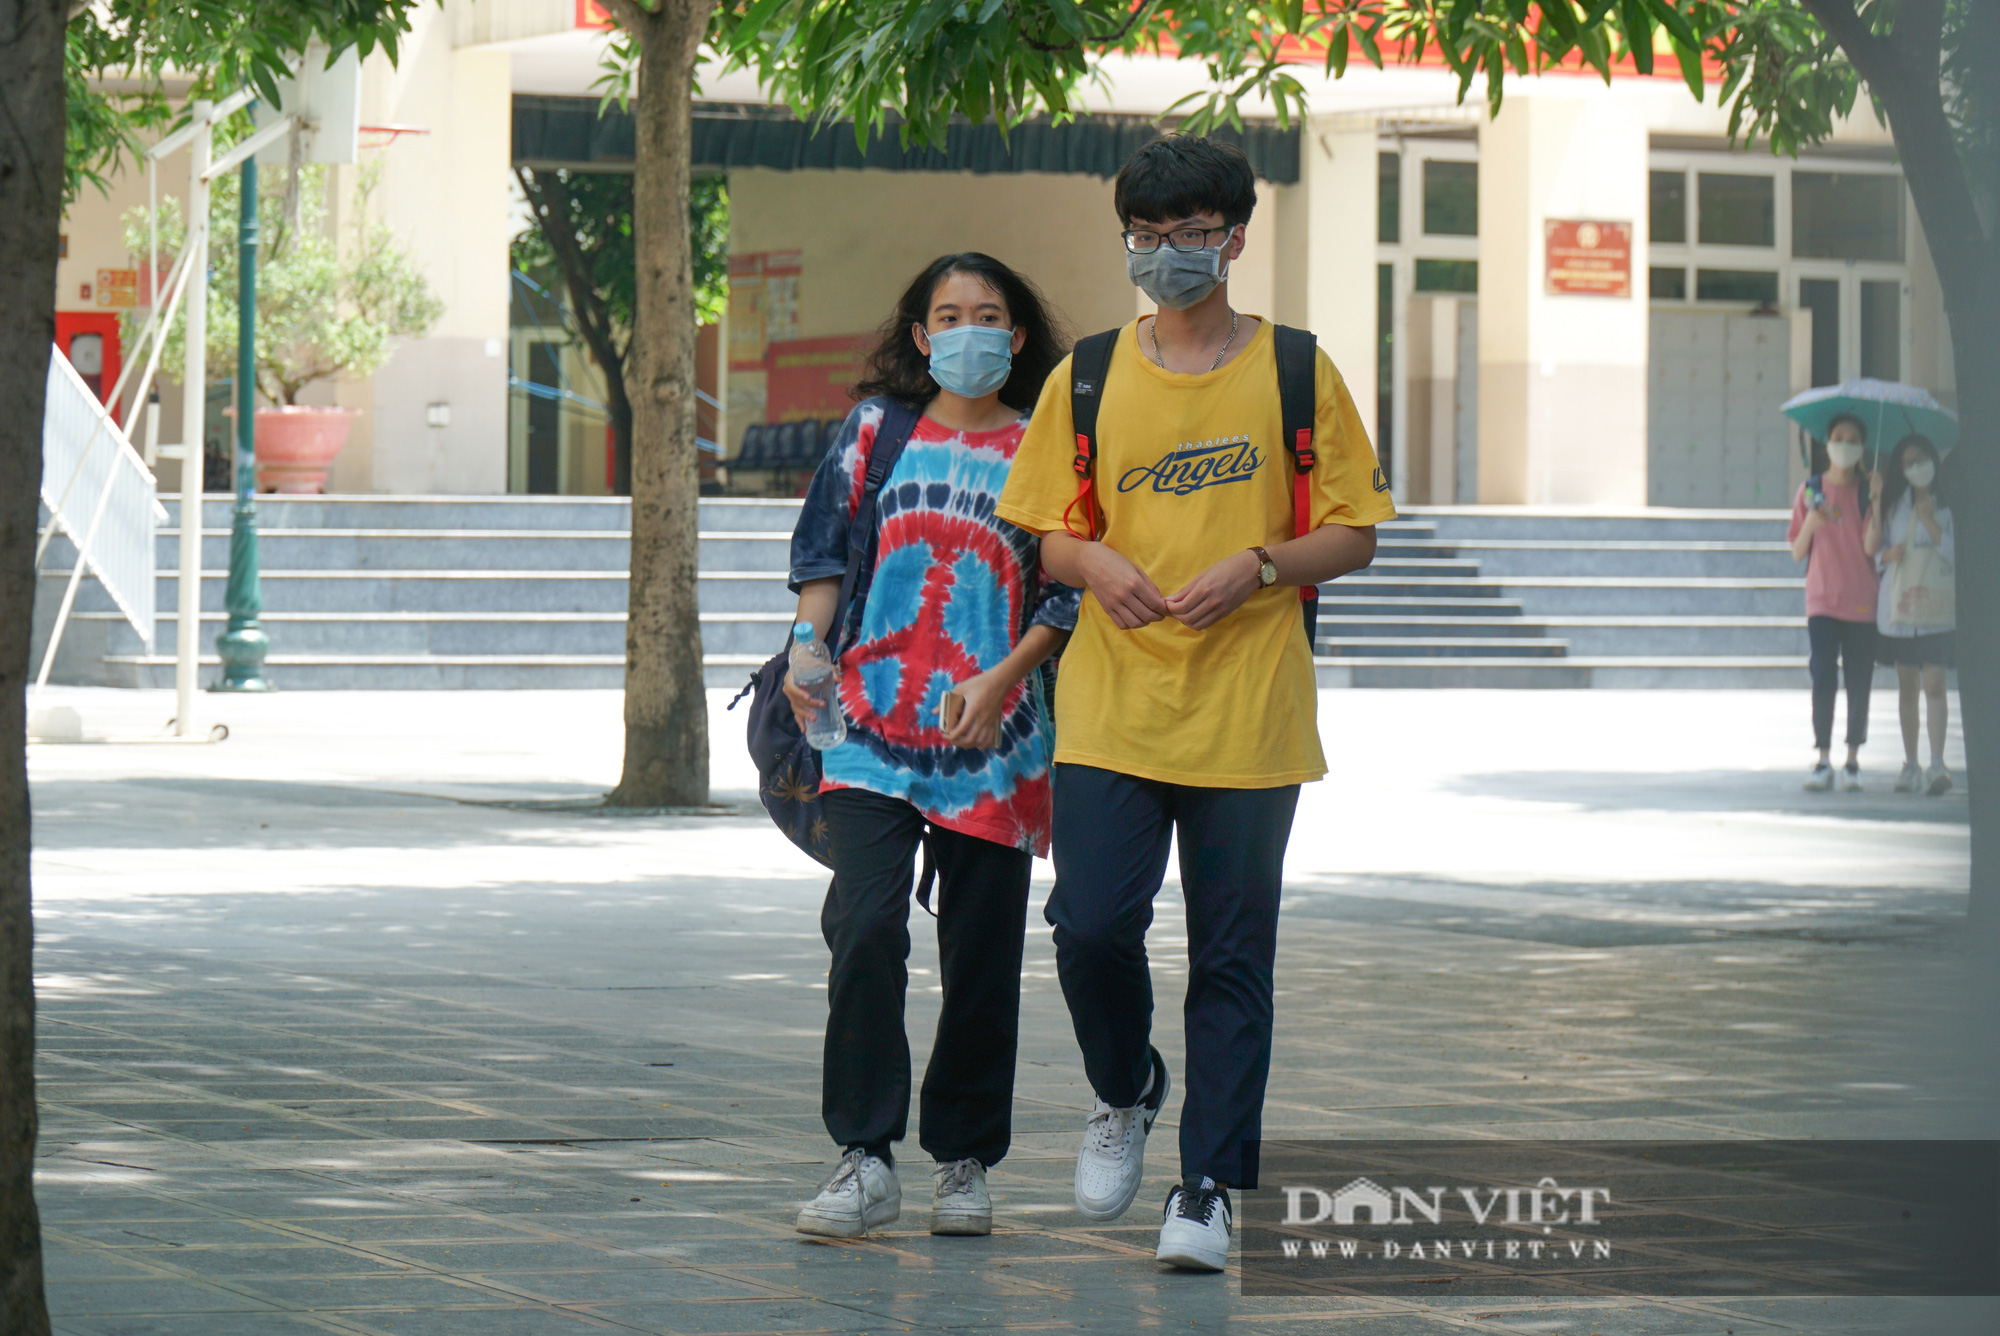 Thí sinh từ Đà Nẵng trở về cảm thấy thoải mái khi thi 1 mình một phòng - Ảnh 3.